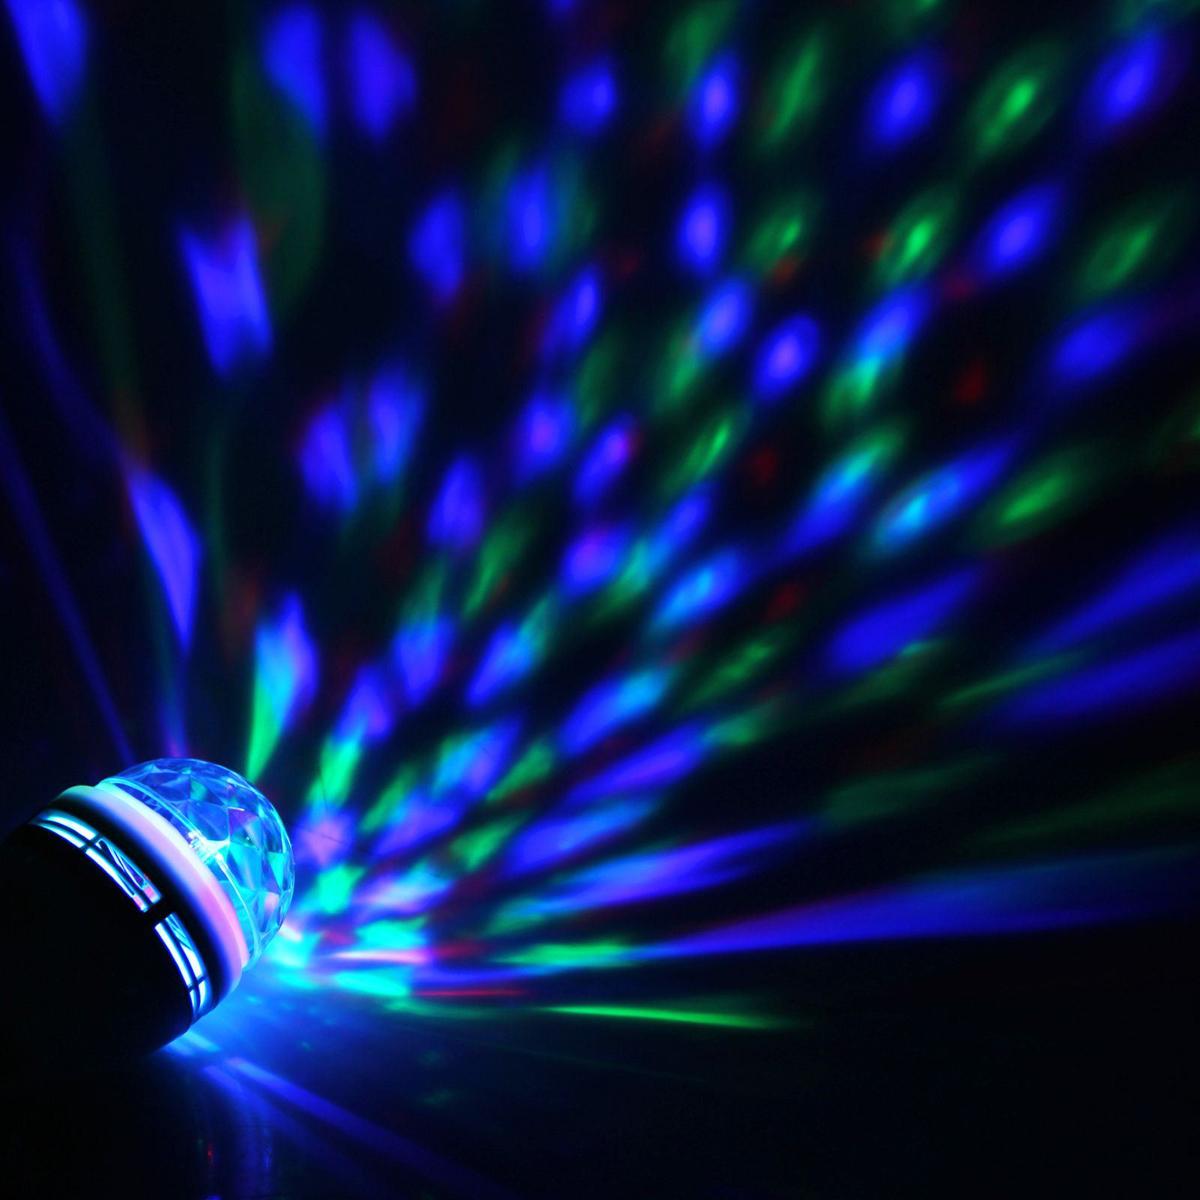 Лампа Luazon Хрустальный шар, диаметр 8 см, от USB, автоскручивающийся провод867654Светодиодные гирлянды, ленты и т.д — это отличный вариант для новогоднего оформления интерьера или фасада. С их помощью помещение любого размера можно превратить в праздничный зал, а внешние элементы зданий, украшенные ими, мгновенно станут напоминать очертания сказочного дворца. Такие украшения создают ауру предвкушения чуда. Деревья, фасады, витрины, окна и арки будто специально созданы, чтобы вы украсили их светящимися нитями.